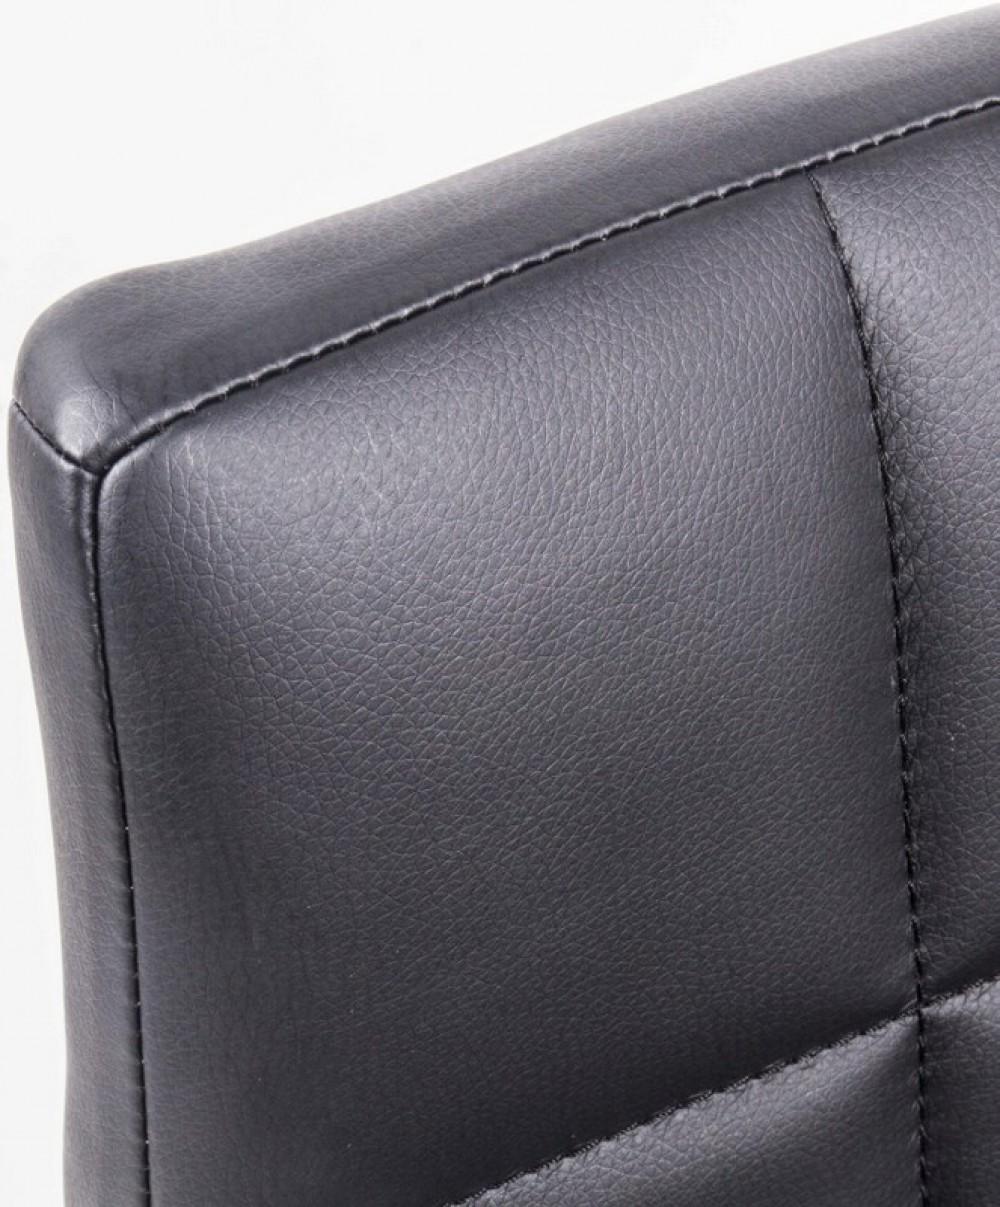 barstuhl schwarz chrom barhocker sitzh he 65 cm. Black Bedroom Furniture Sets. Home Design Ideas